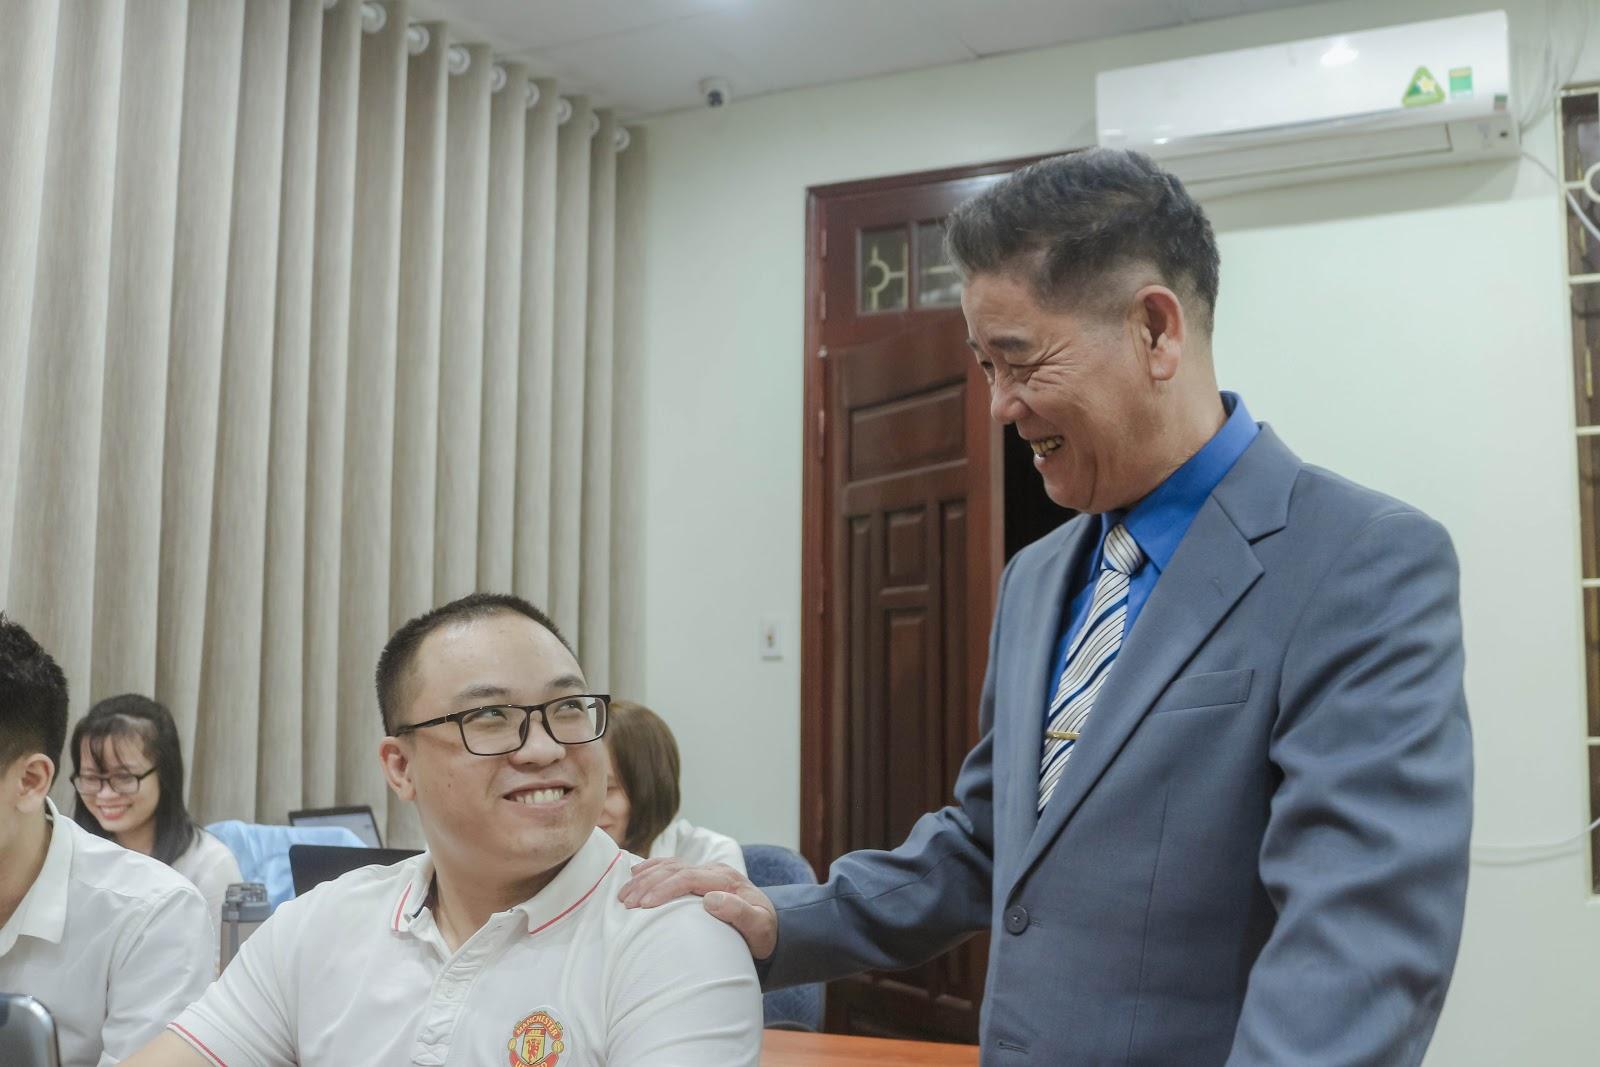 Trương Văn Trắc - CEO timviec365.vn hé lộ gì về việc làm kinh doanh tại TP.HCM? 3